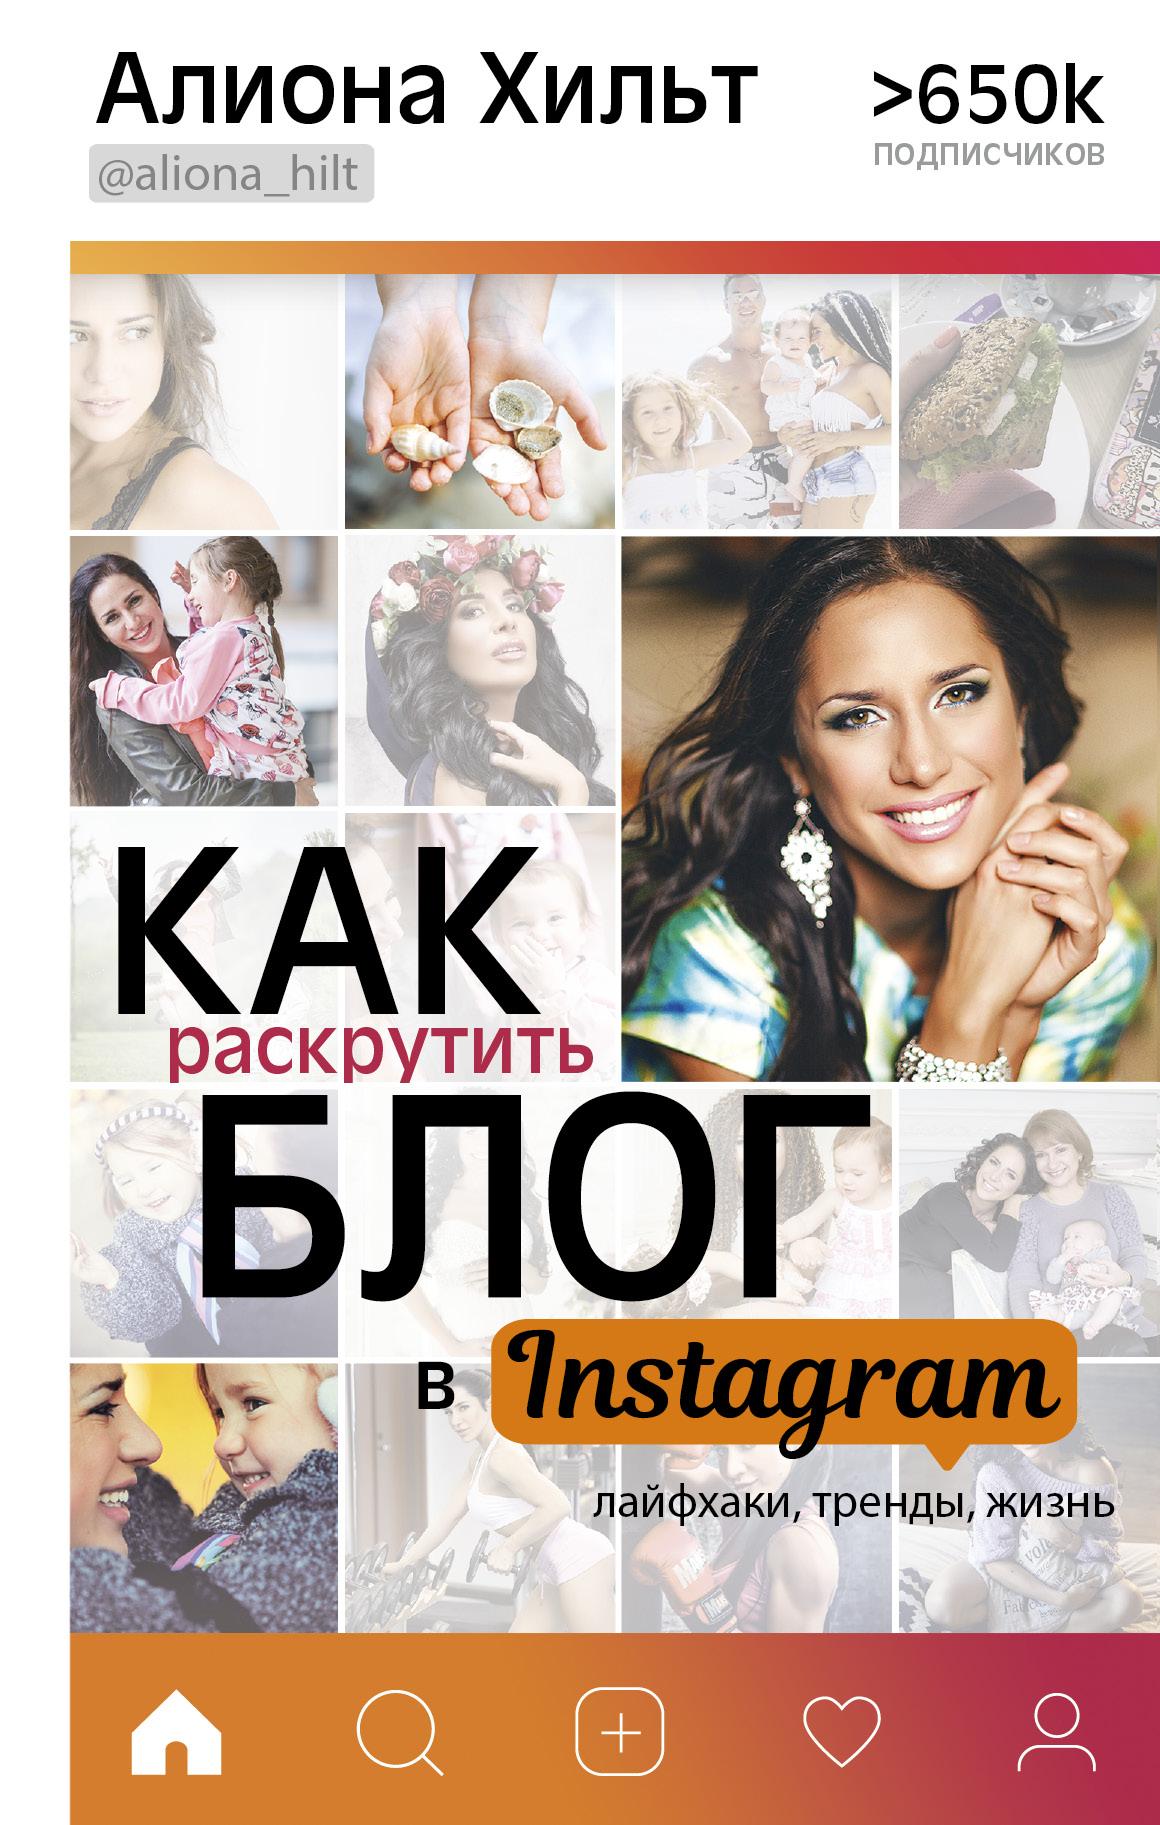 Алиона Хильт Как раскрутить блог в Instagram: лайфхаки, тренды, жизнь алиона хильт как раскрутить блог в instagram лайфхаки тренды жизнь